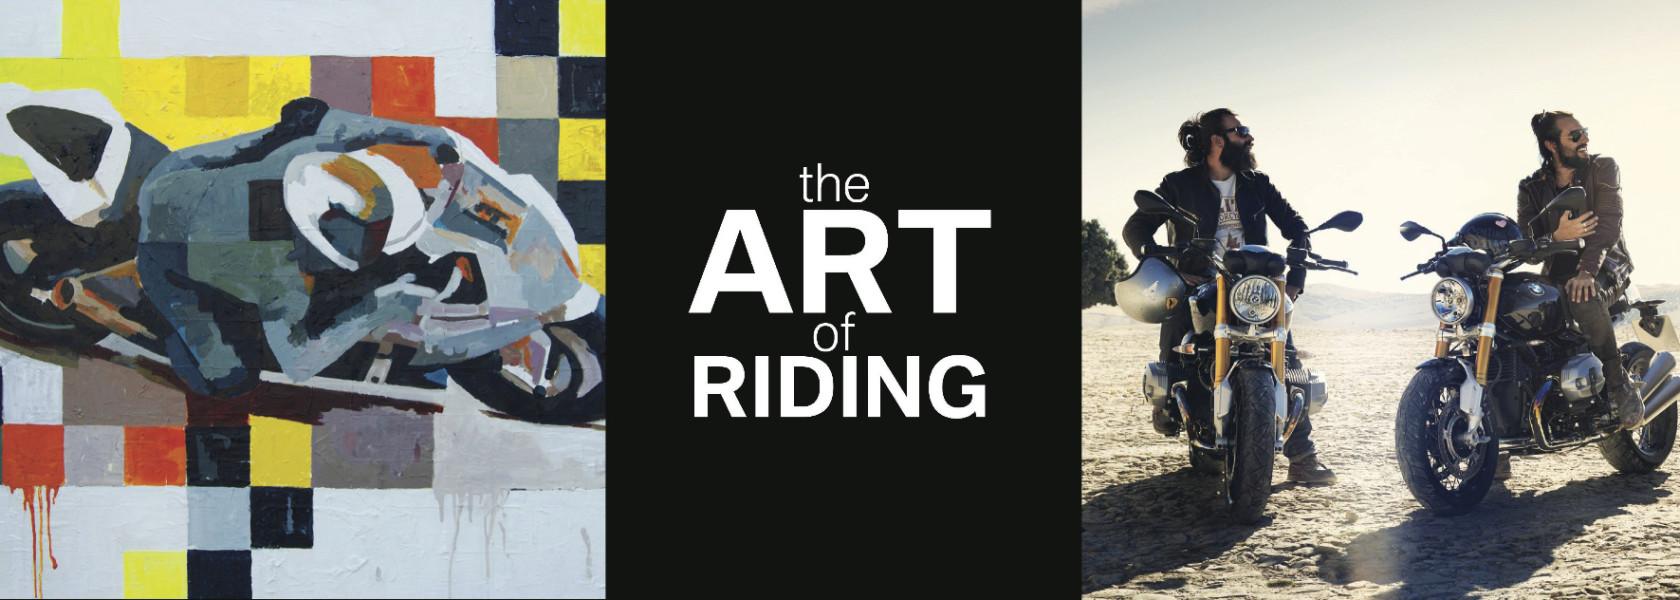 BMW anniversary art exhibition